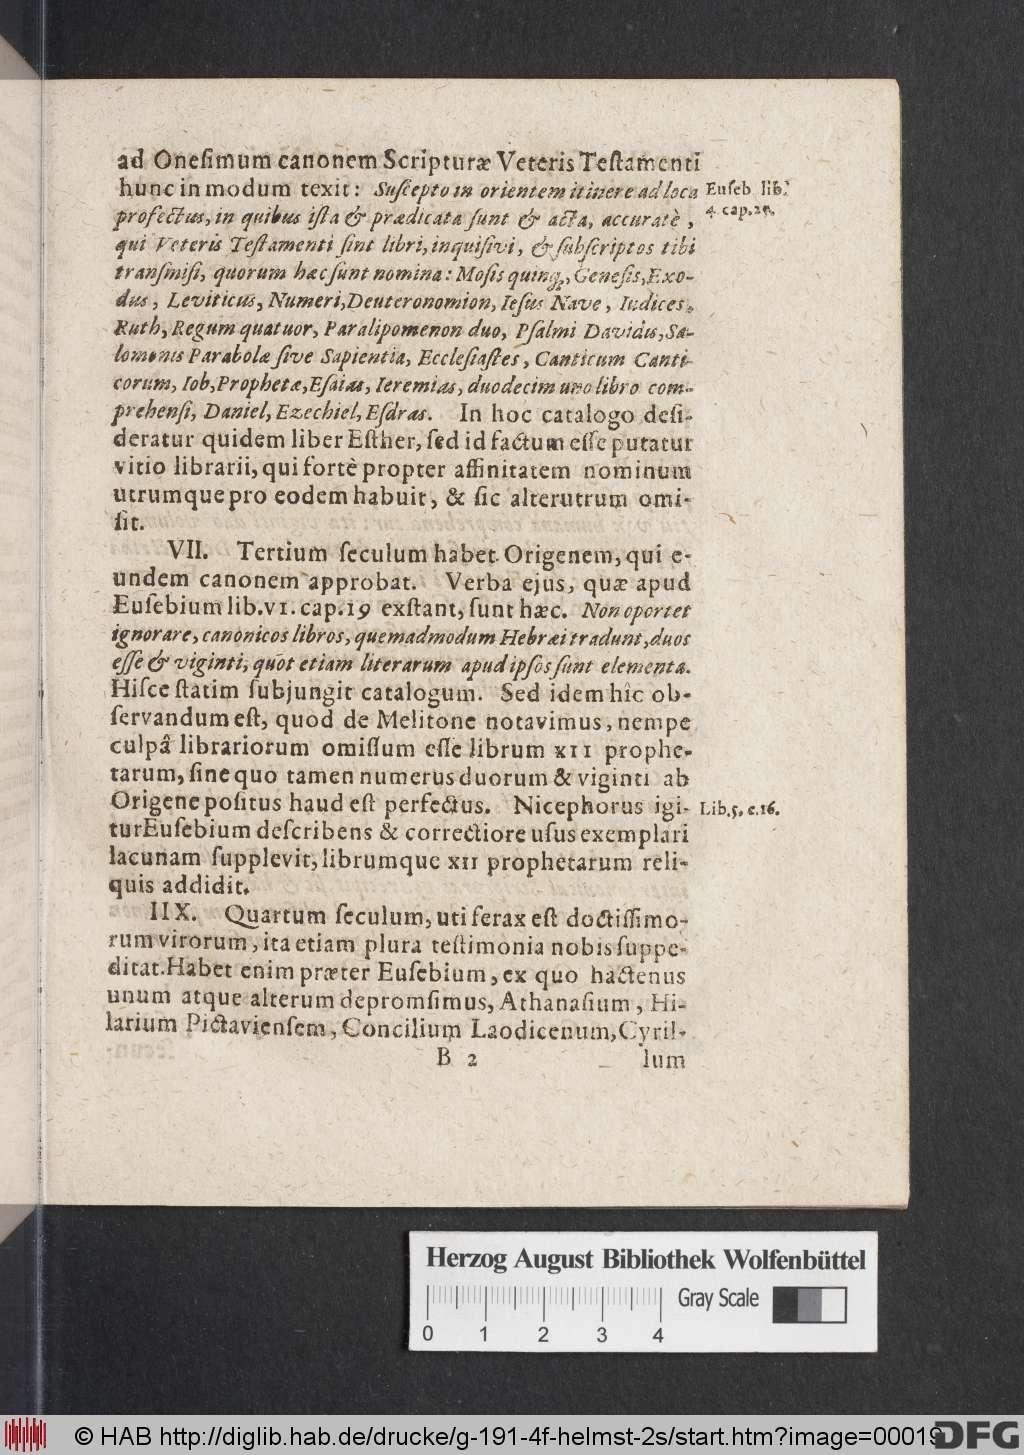 http://diglib.hab.de/drucke/g-191-4f-helmst-2s/00019.jpg